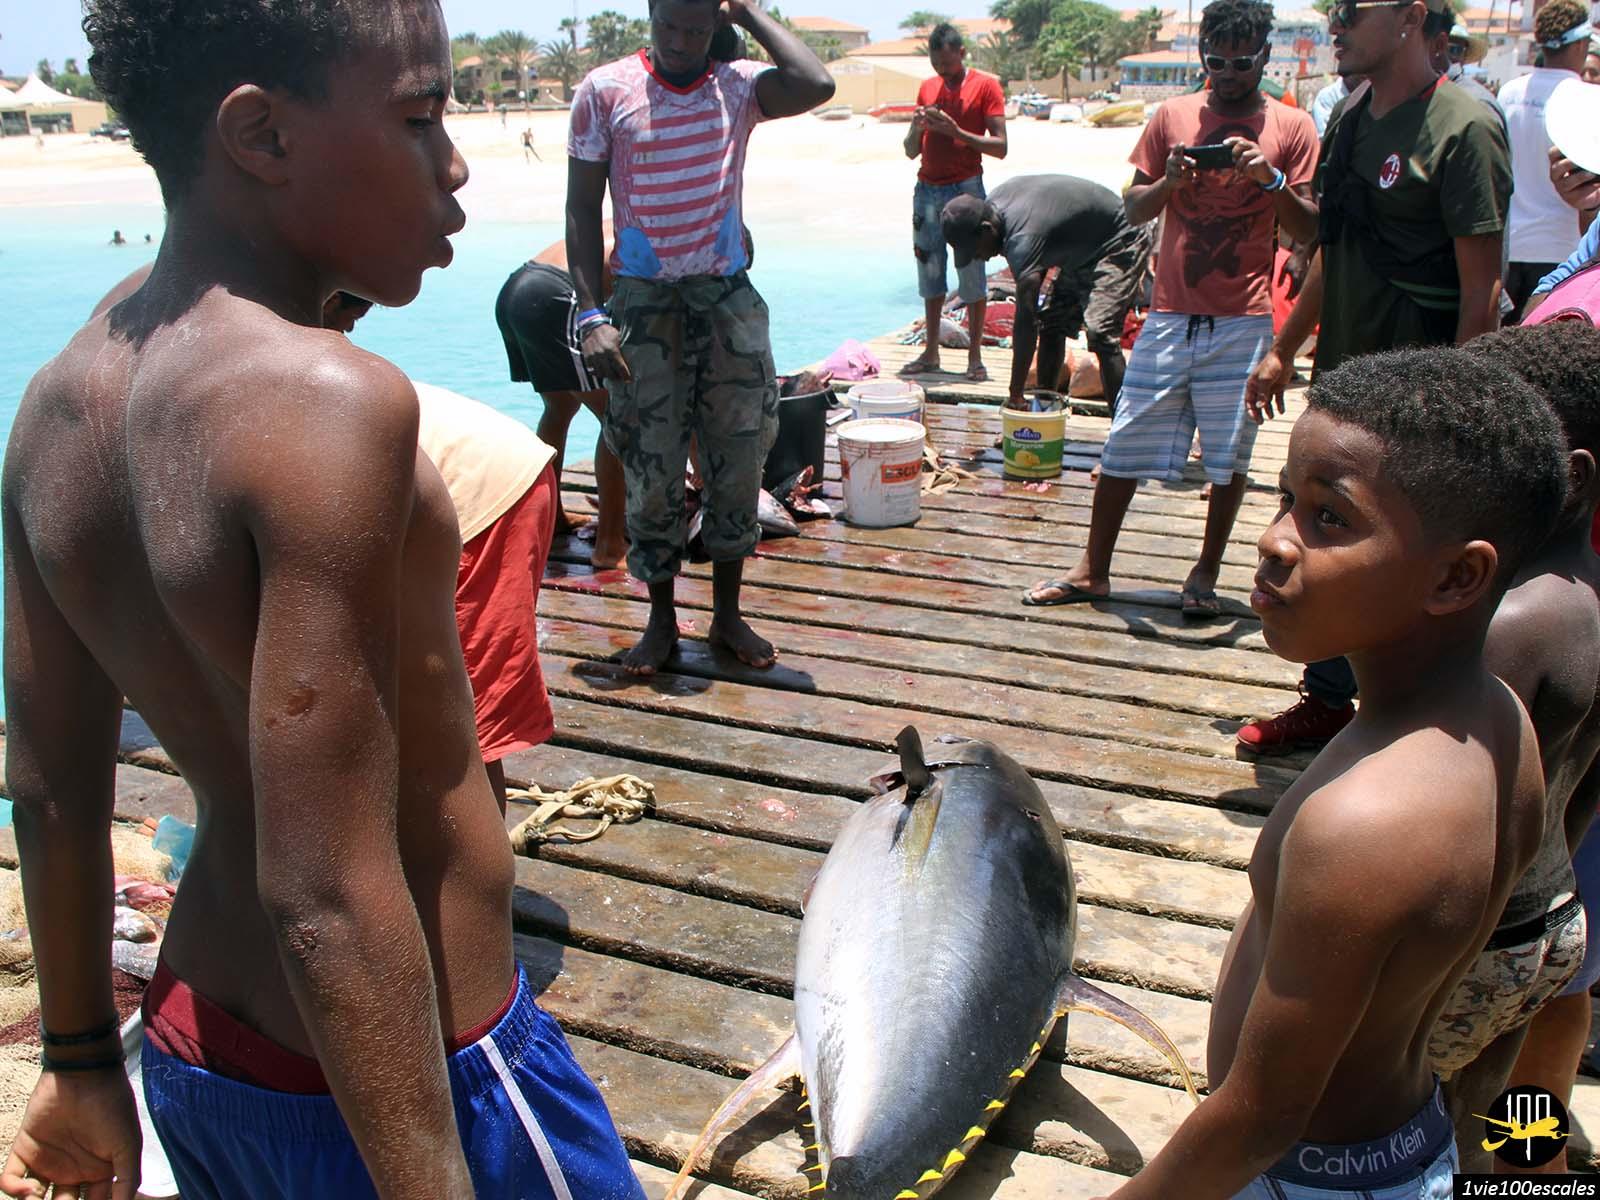 Les enfants qui admirent les gros poissons pêchés à Santa Maria sur l'île de Sal